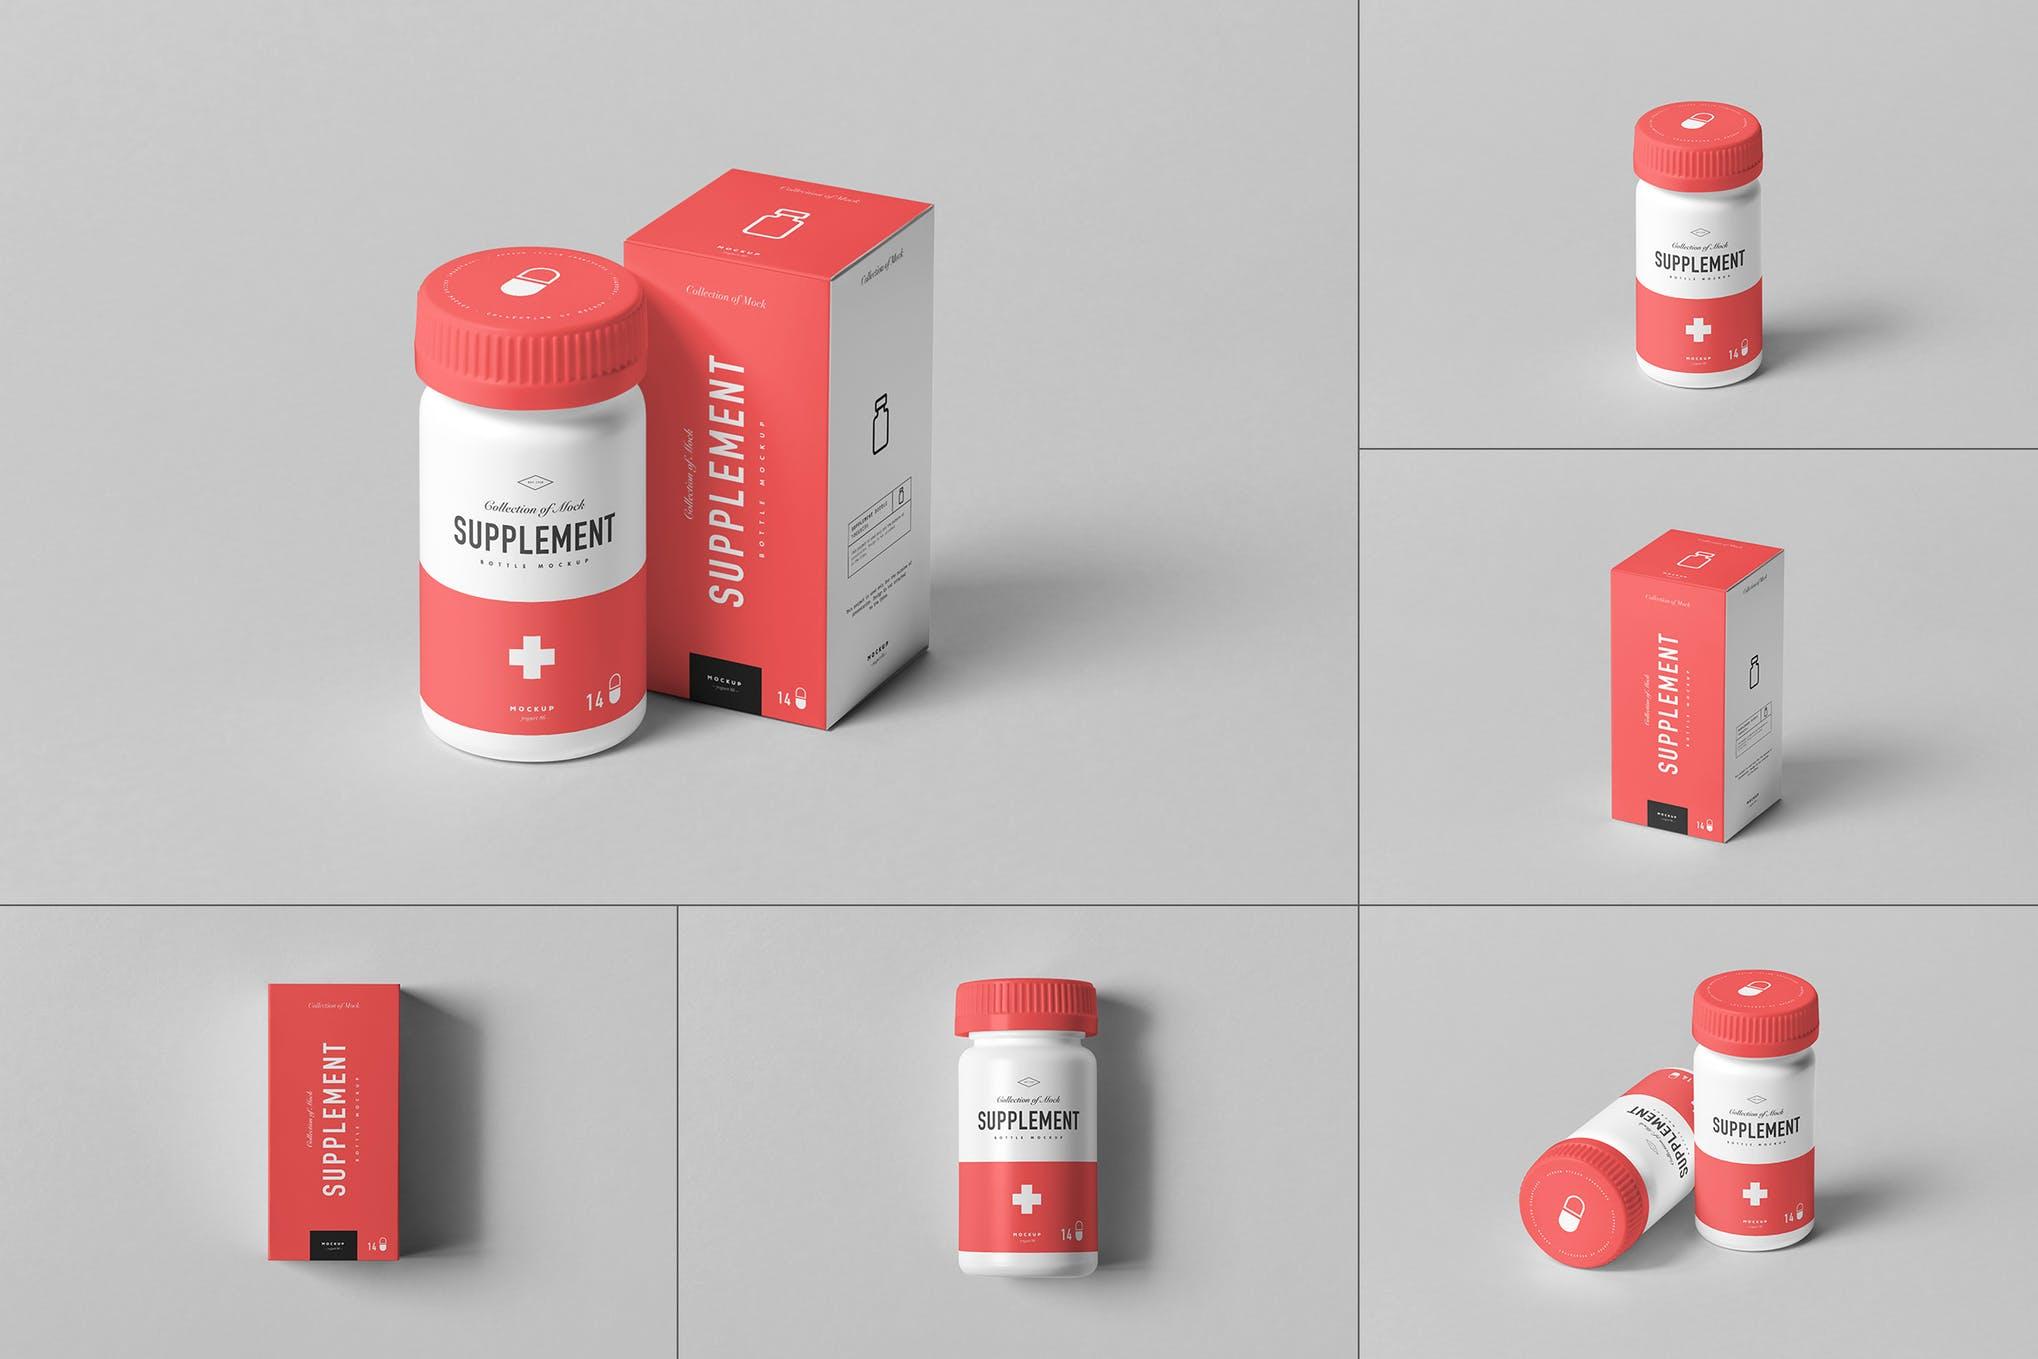 药瓶和药盒 Ver.2样机效果图插图(1)